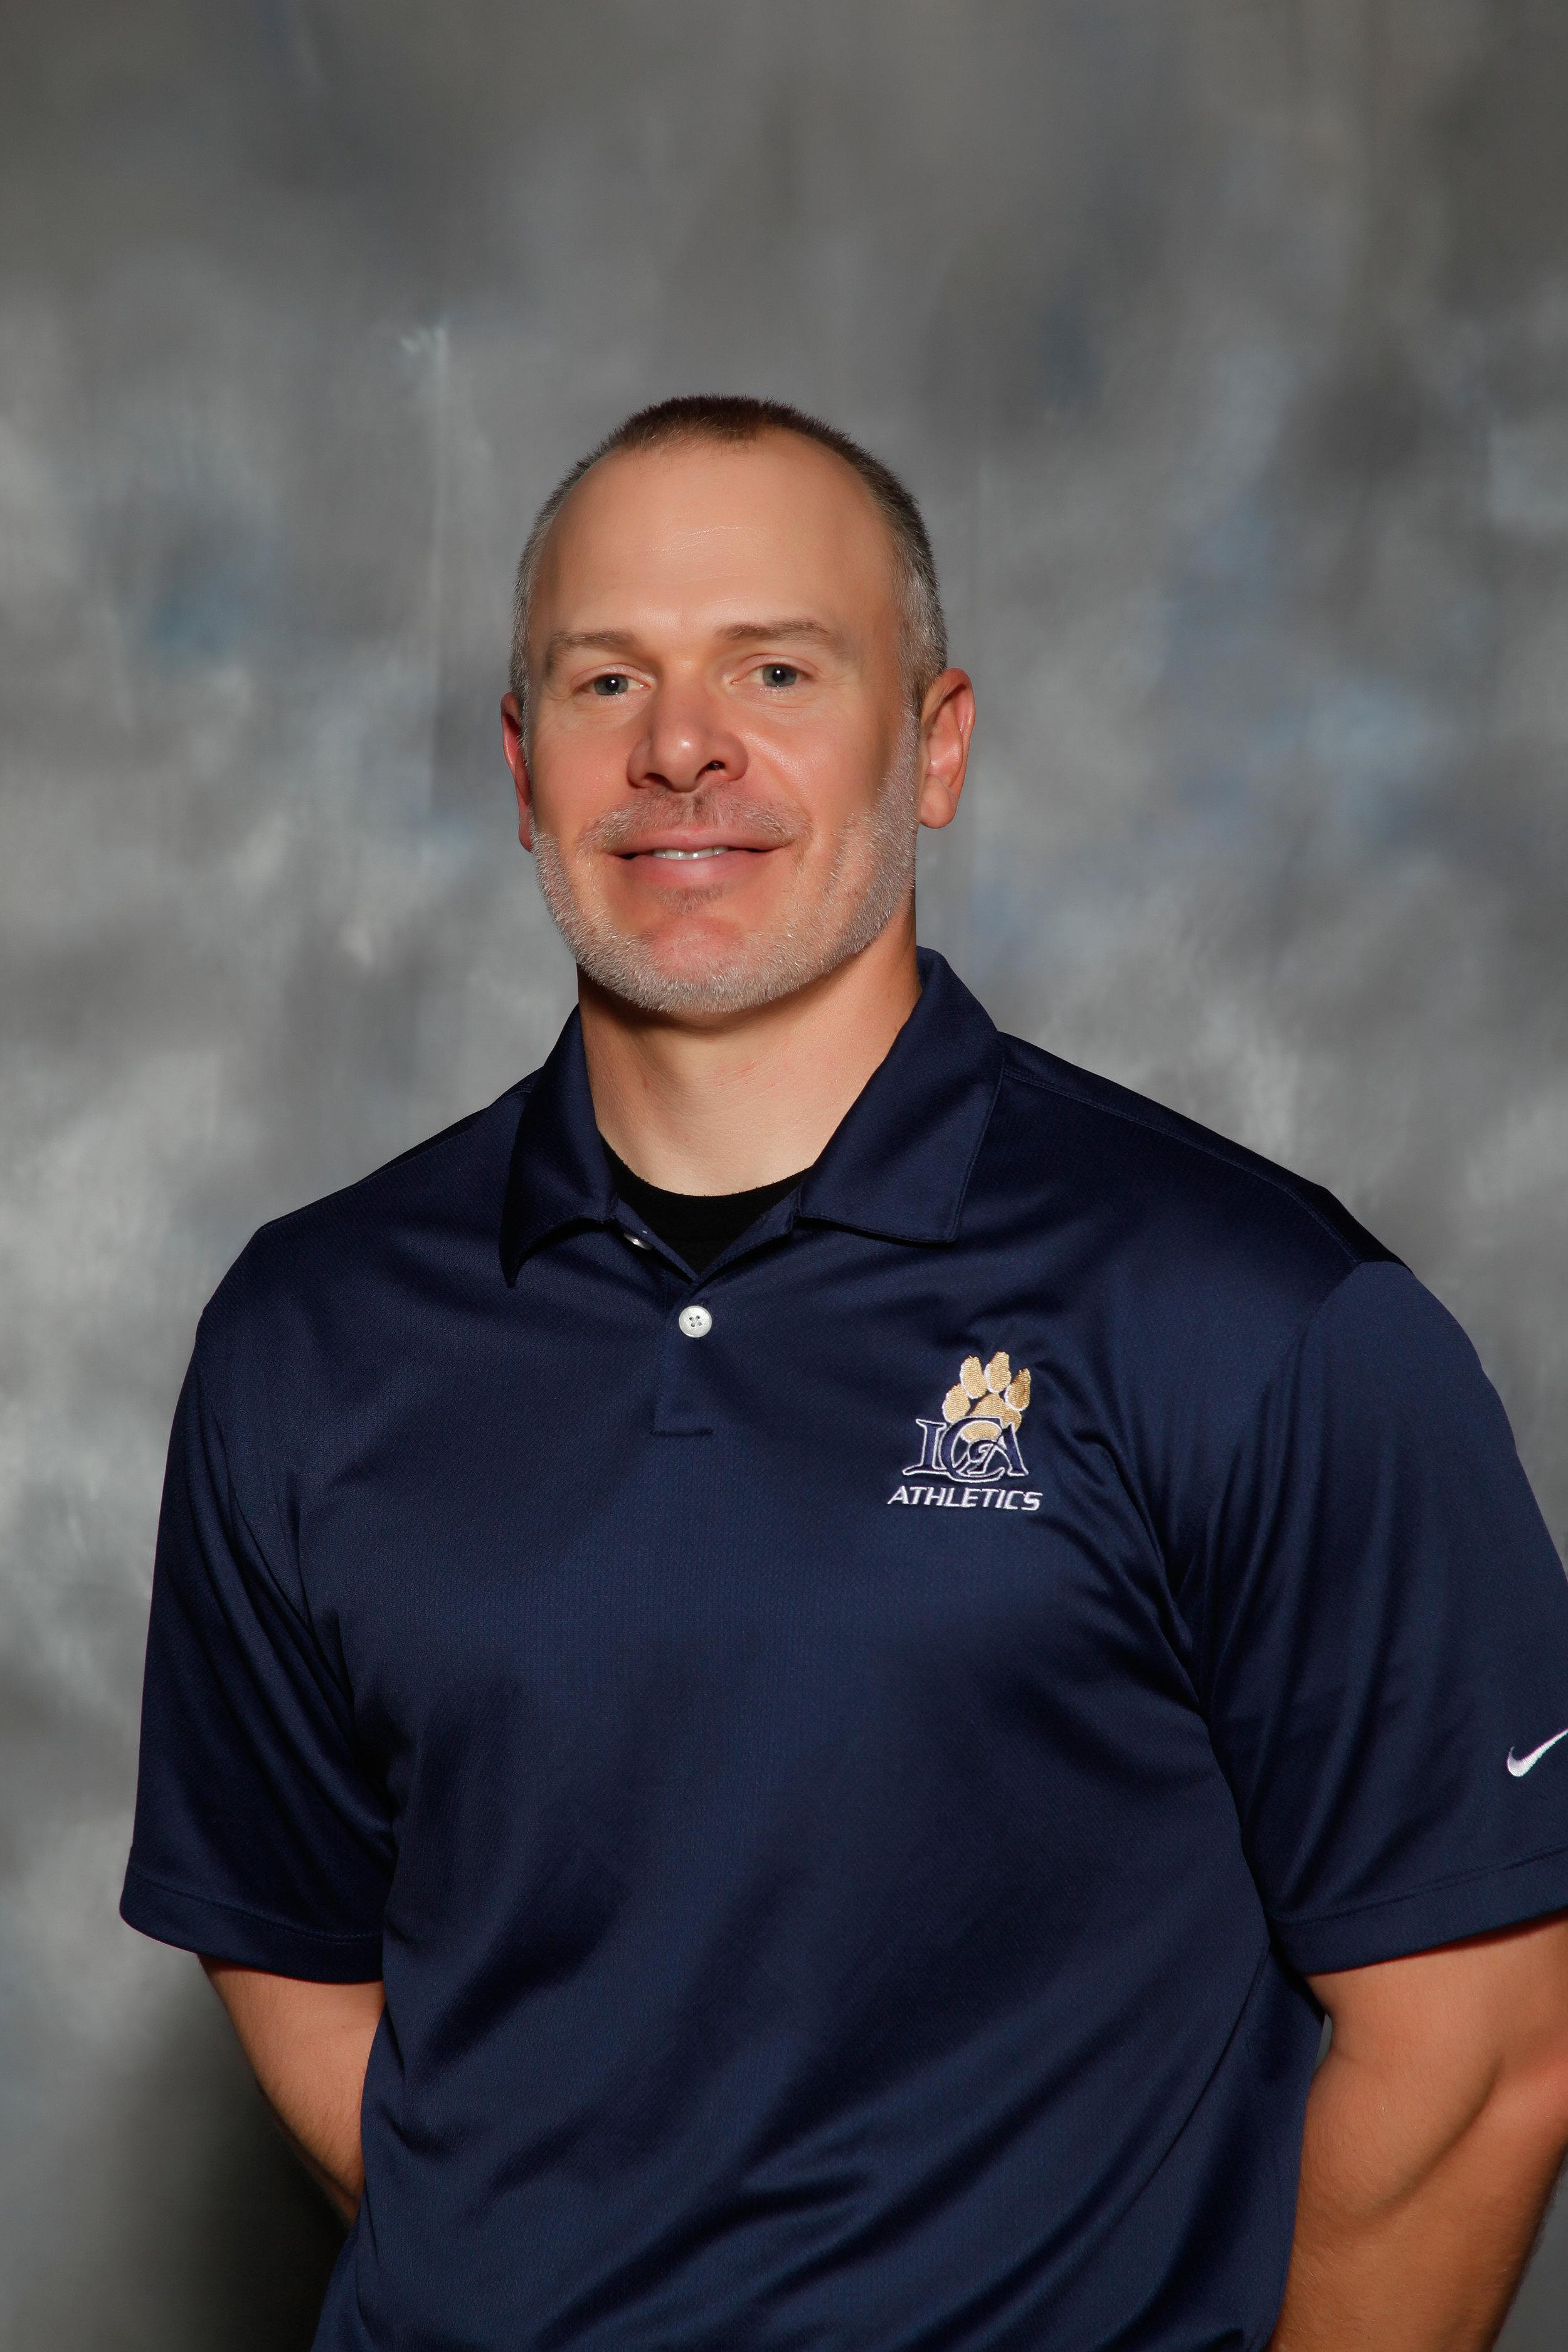 Head Coach: Chad Stephens